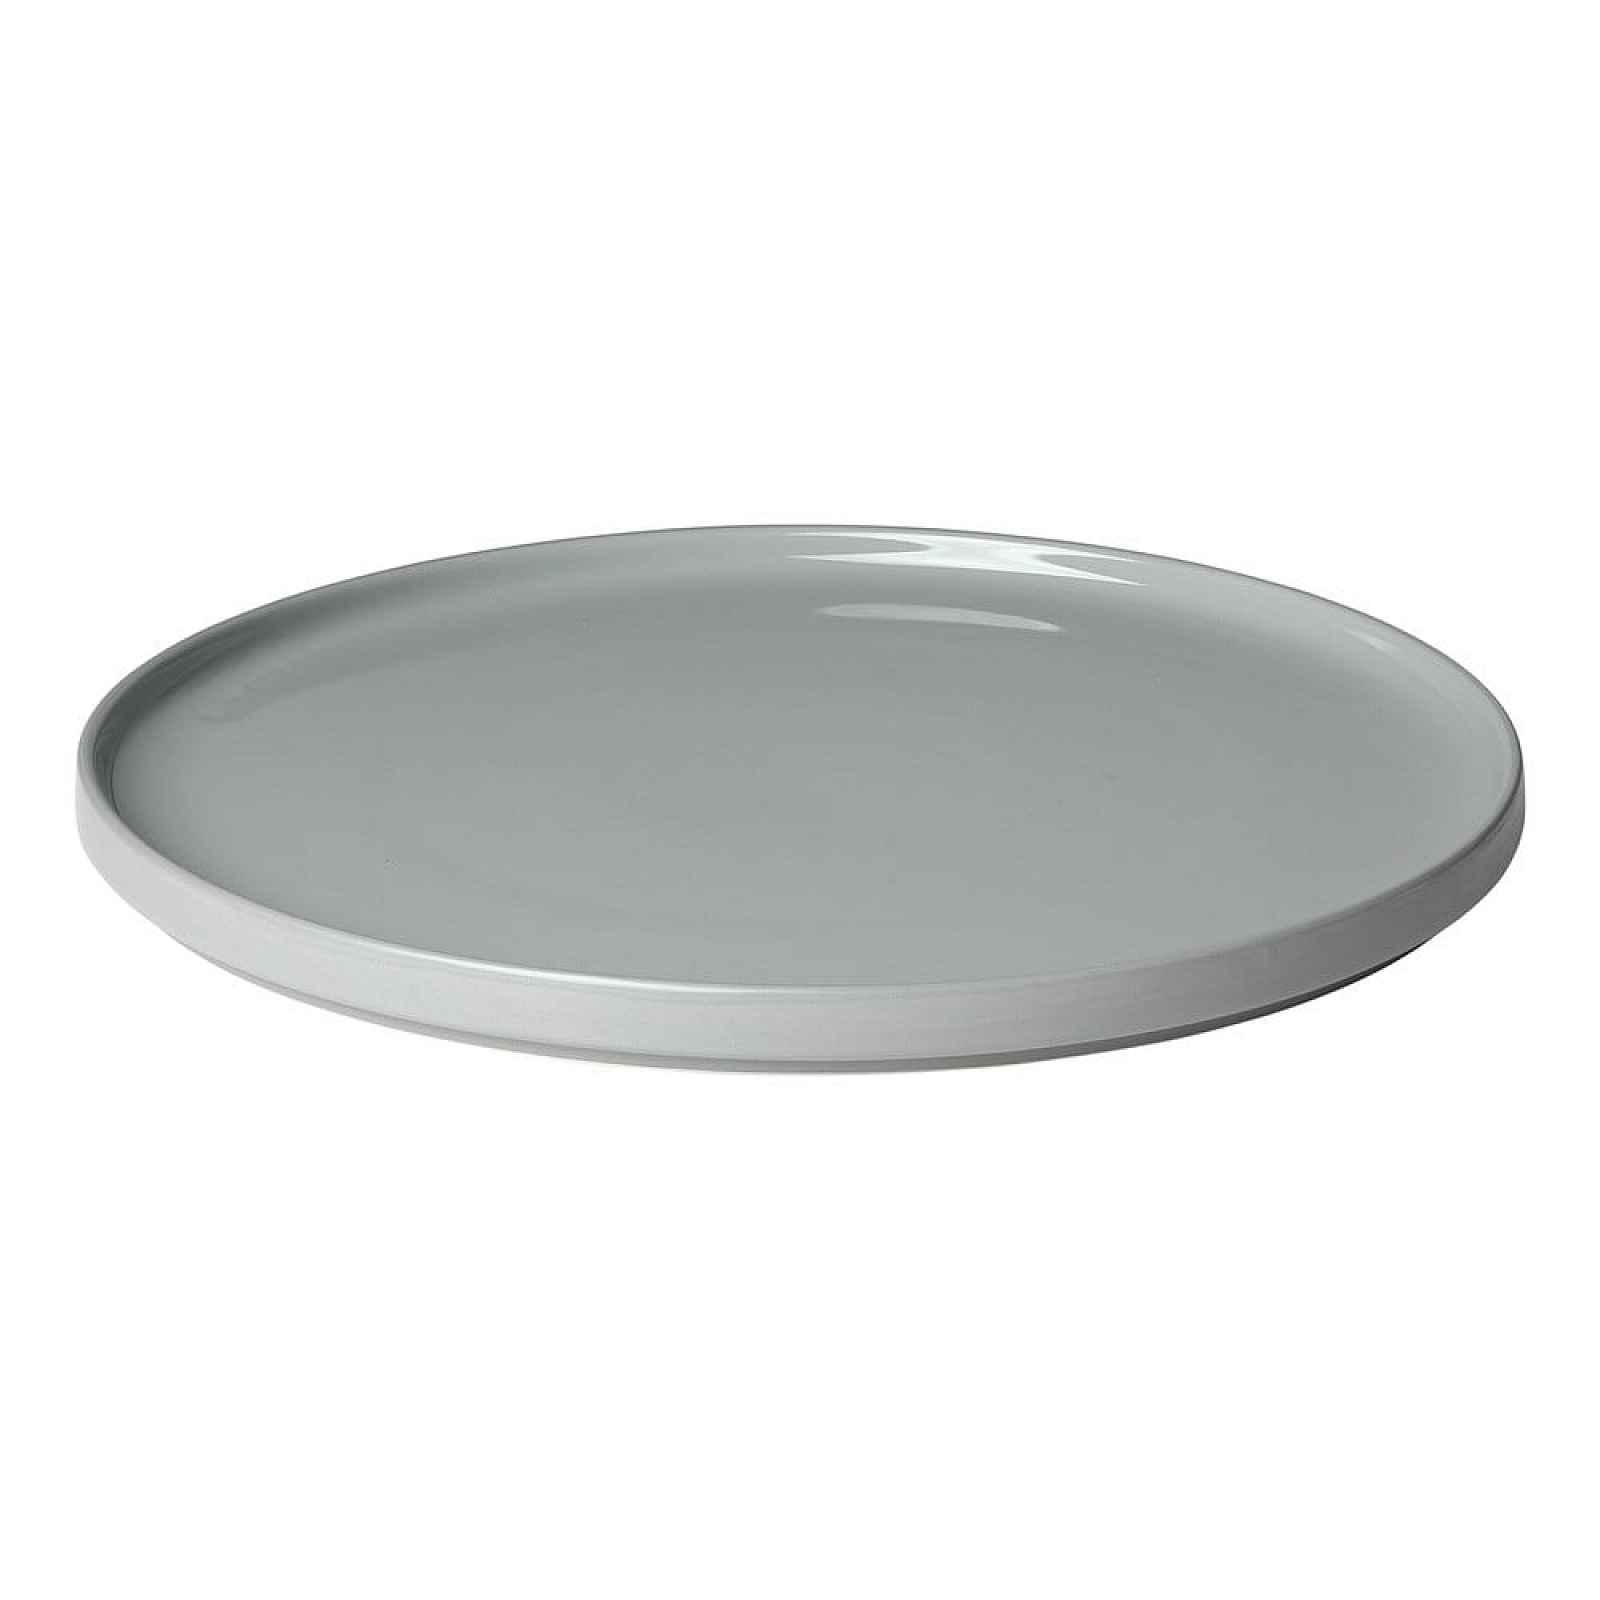 Šedý keramický servírovací talíř Blomus Pilar